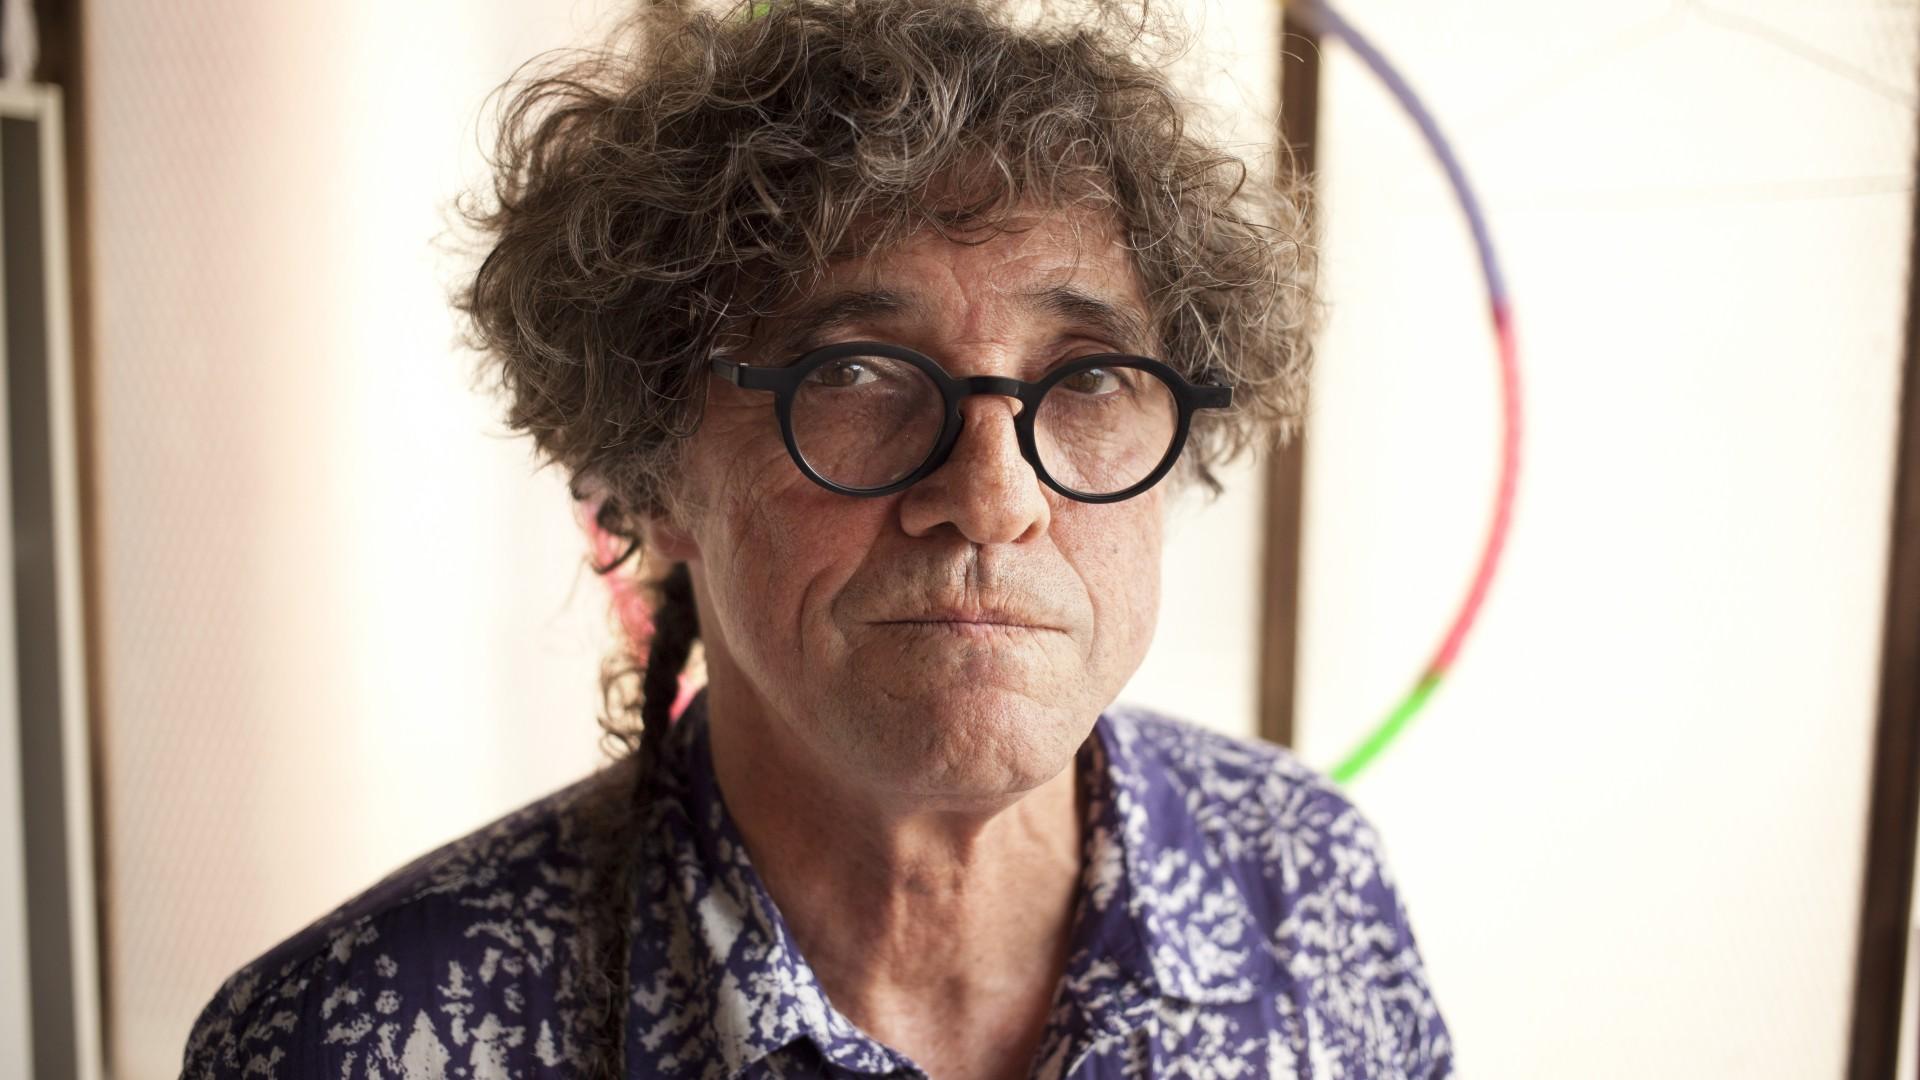 Eric lareine Portrait